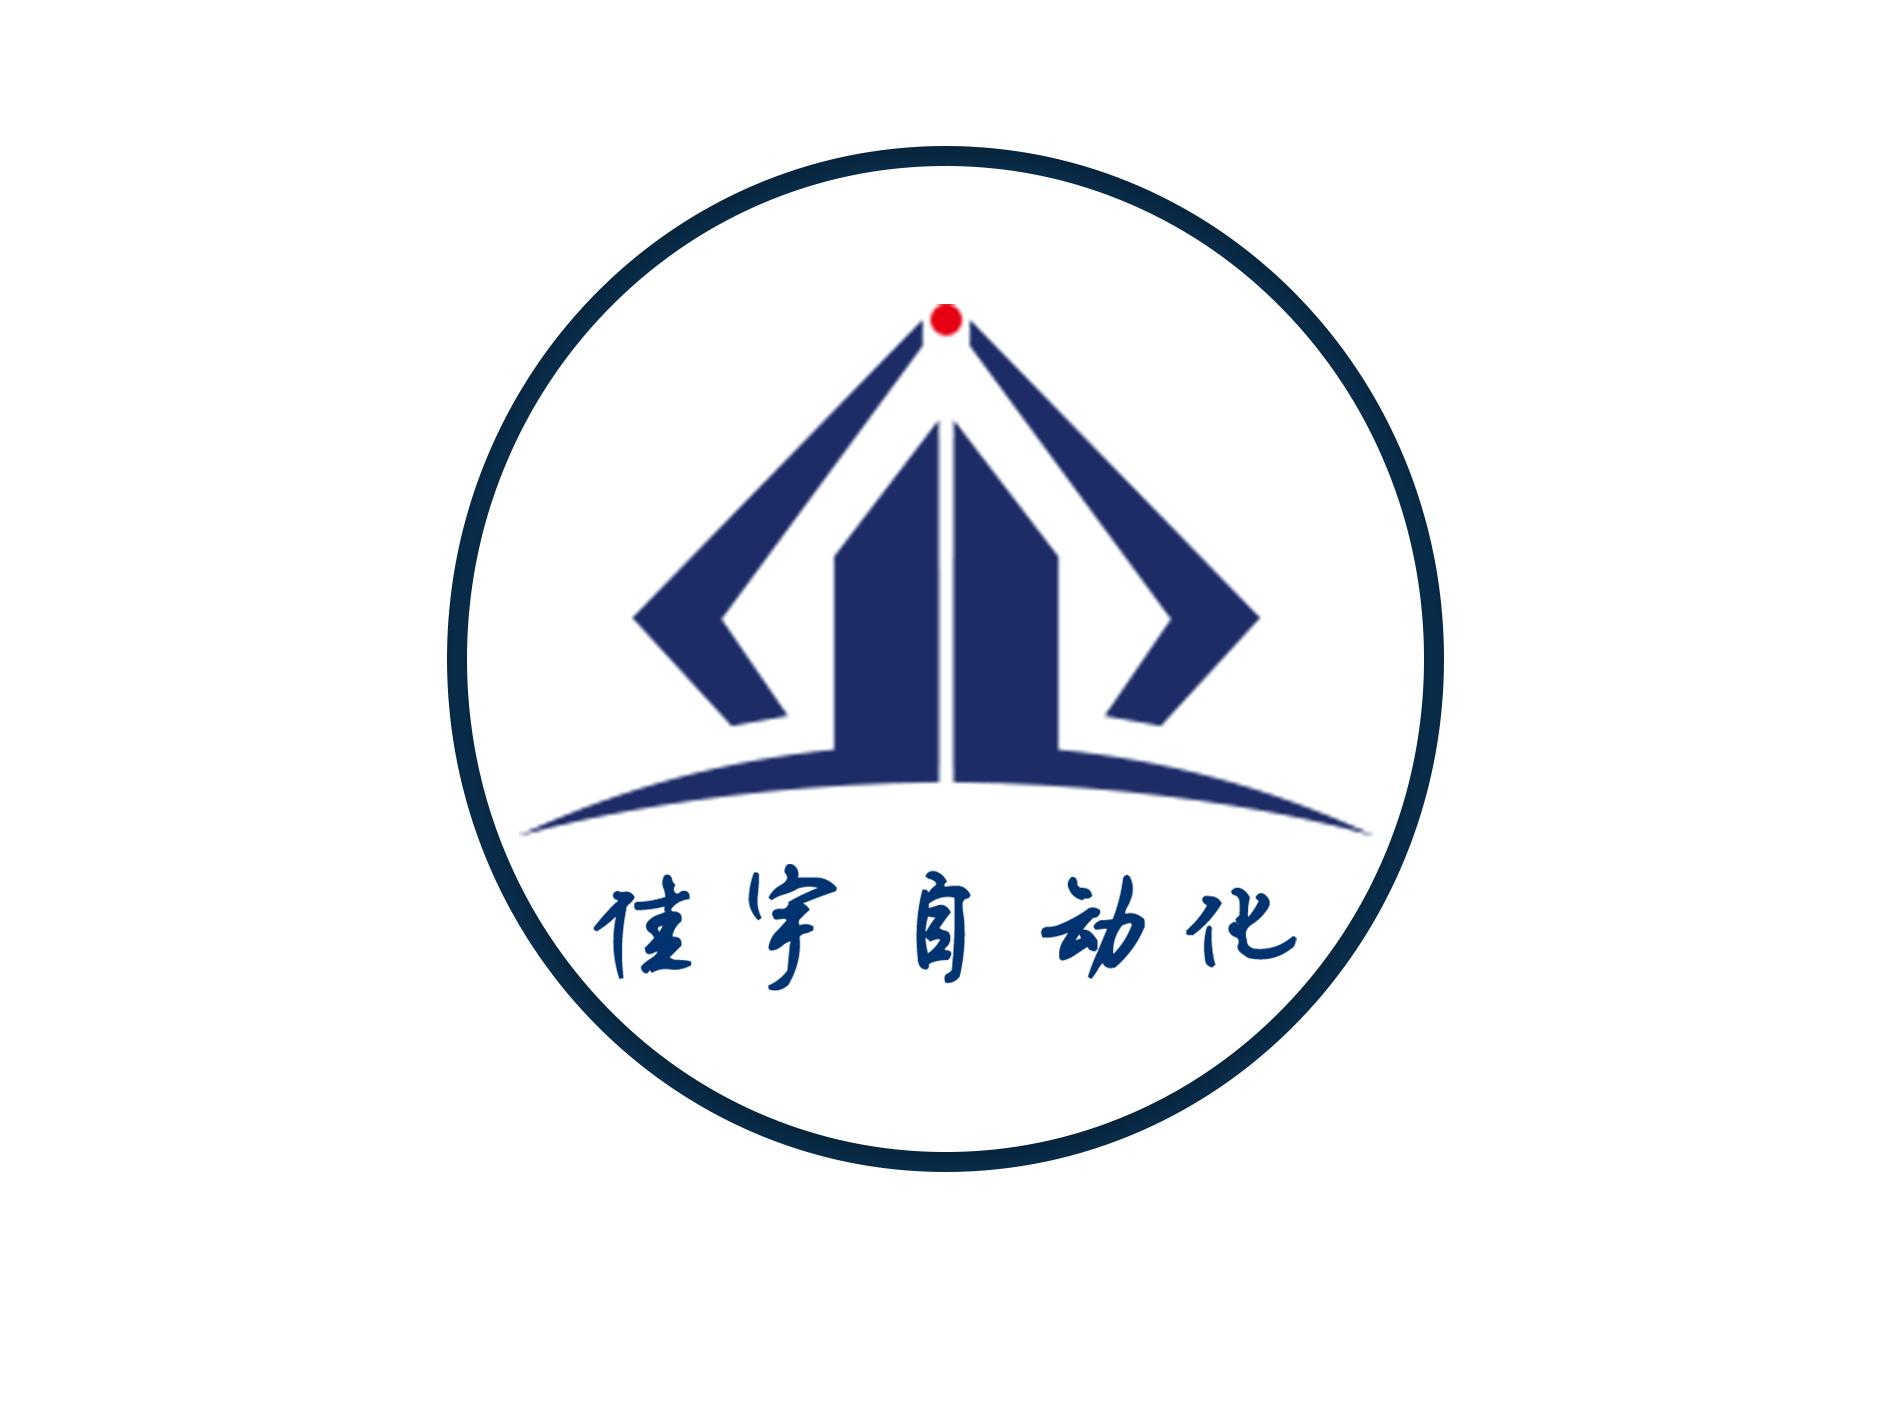 天津市佳宇自动化设备销售有限公司